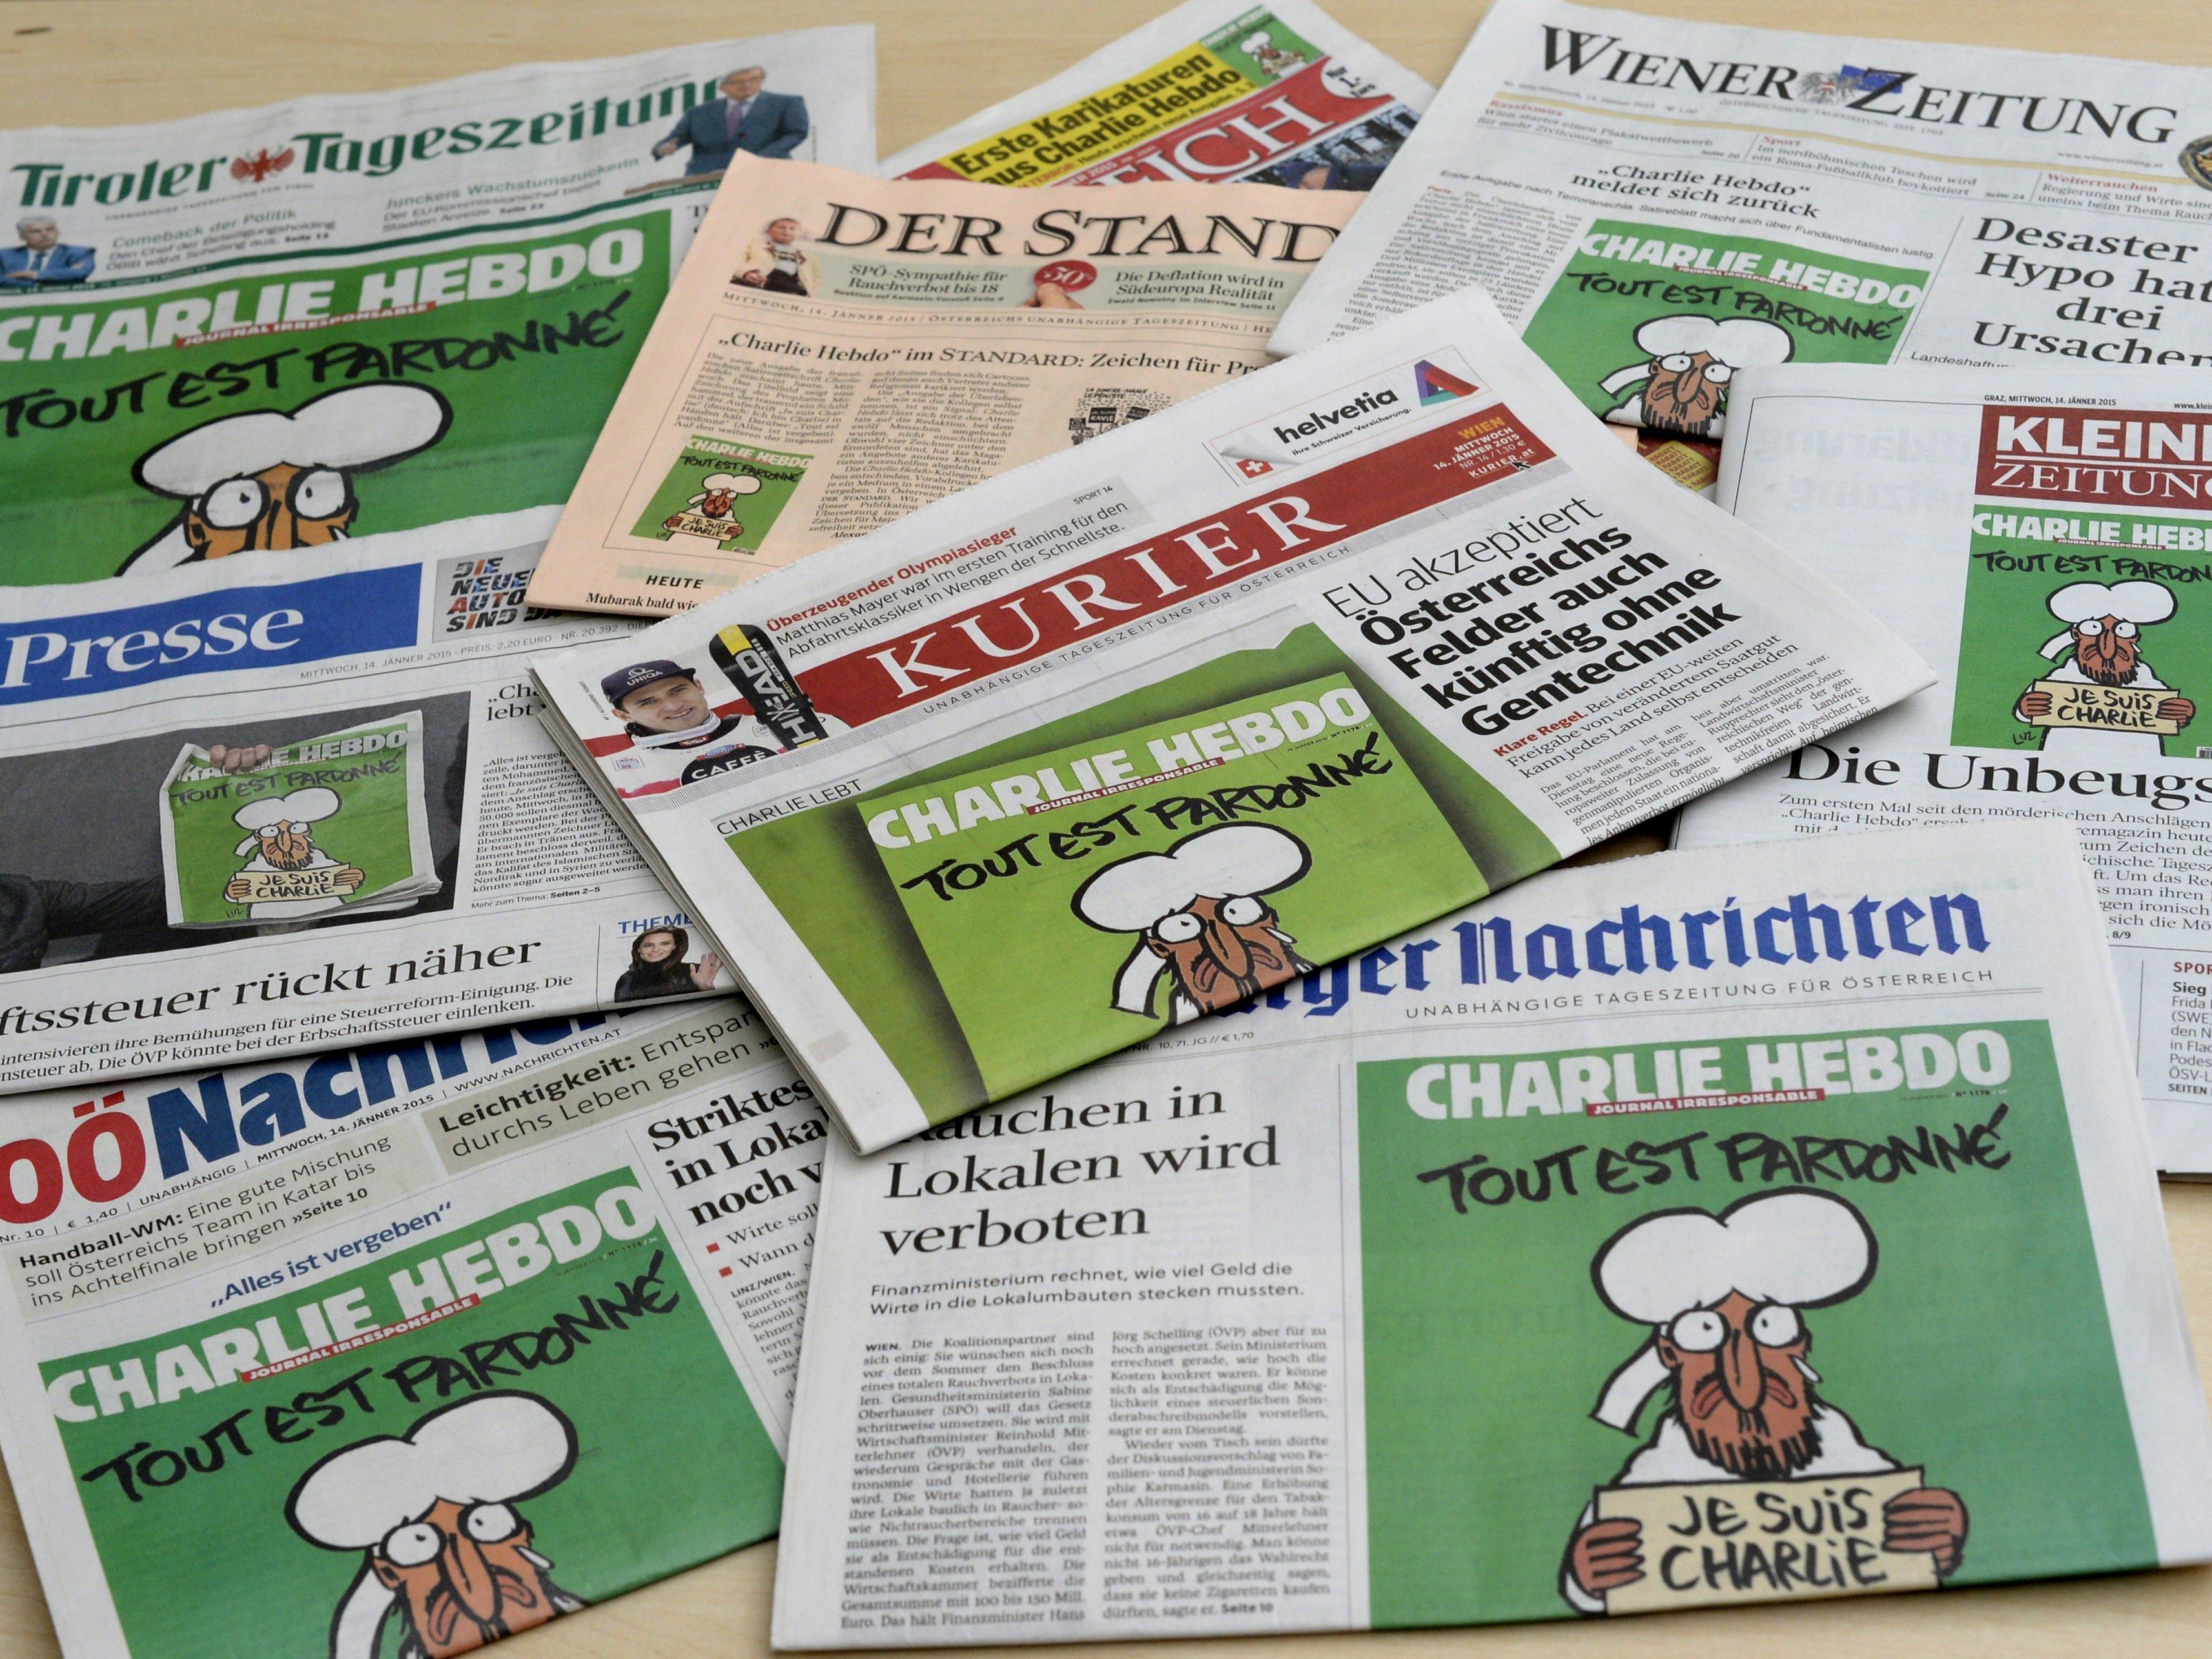 Die Pressefreiheit in Österreich leidet.